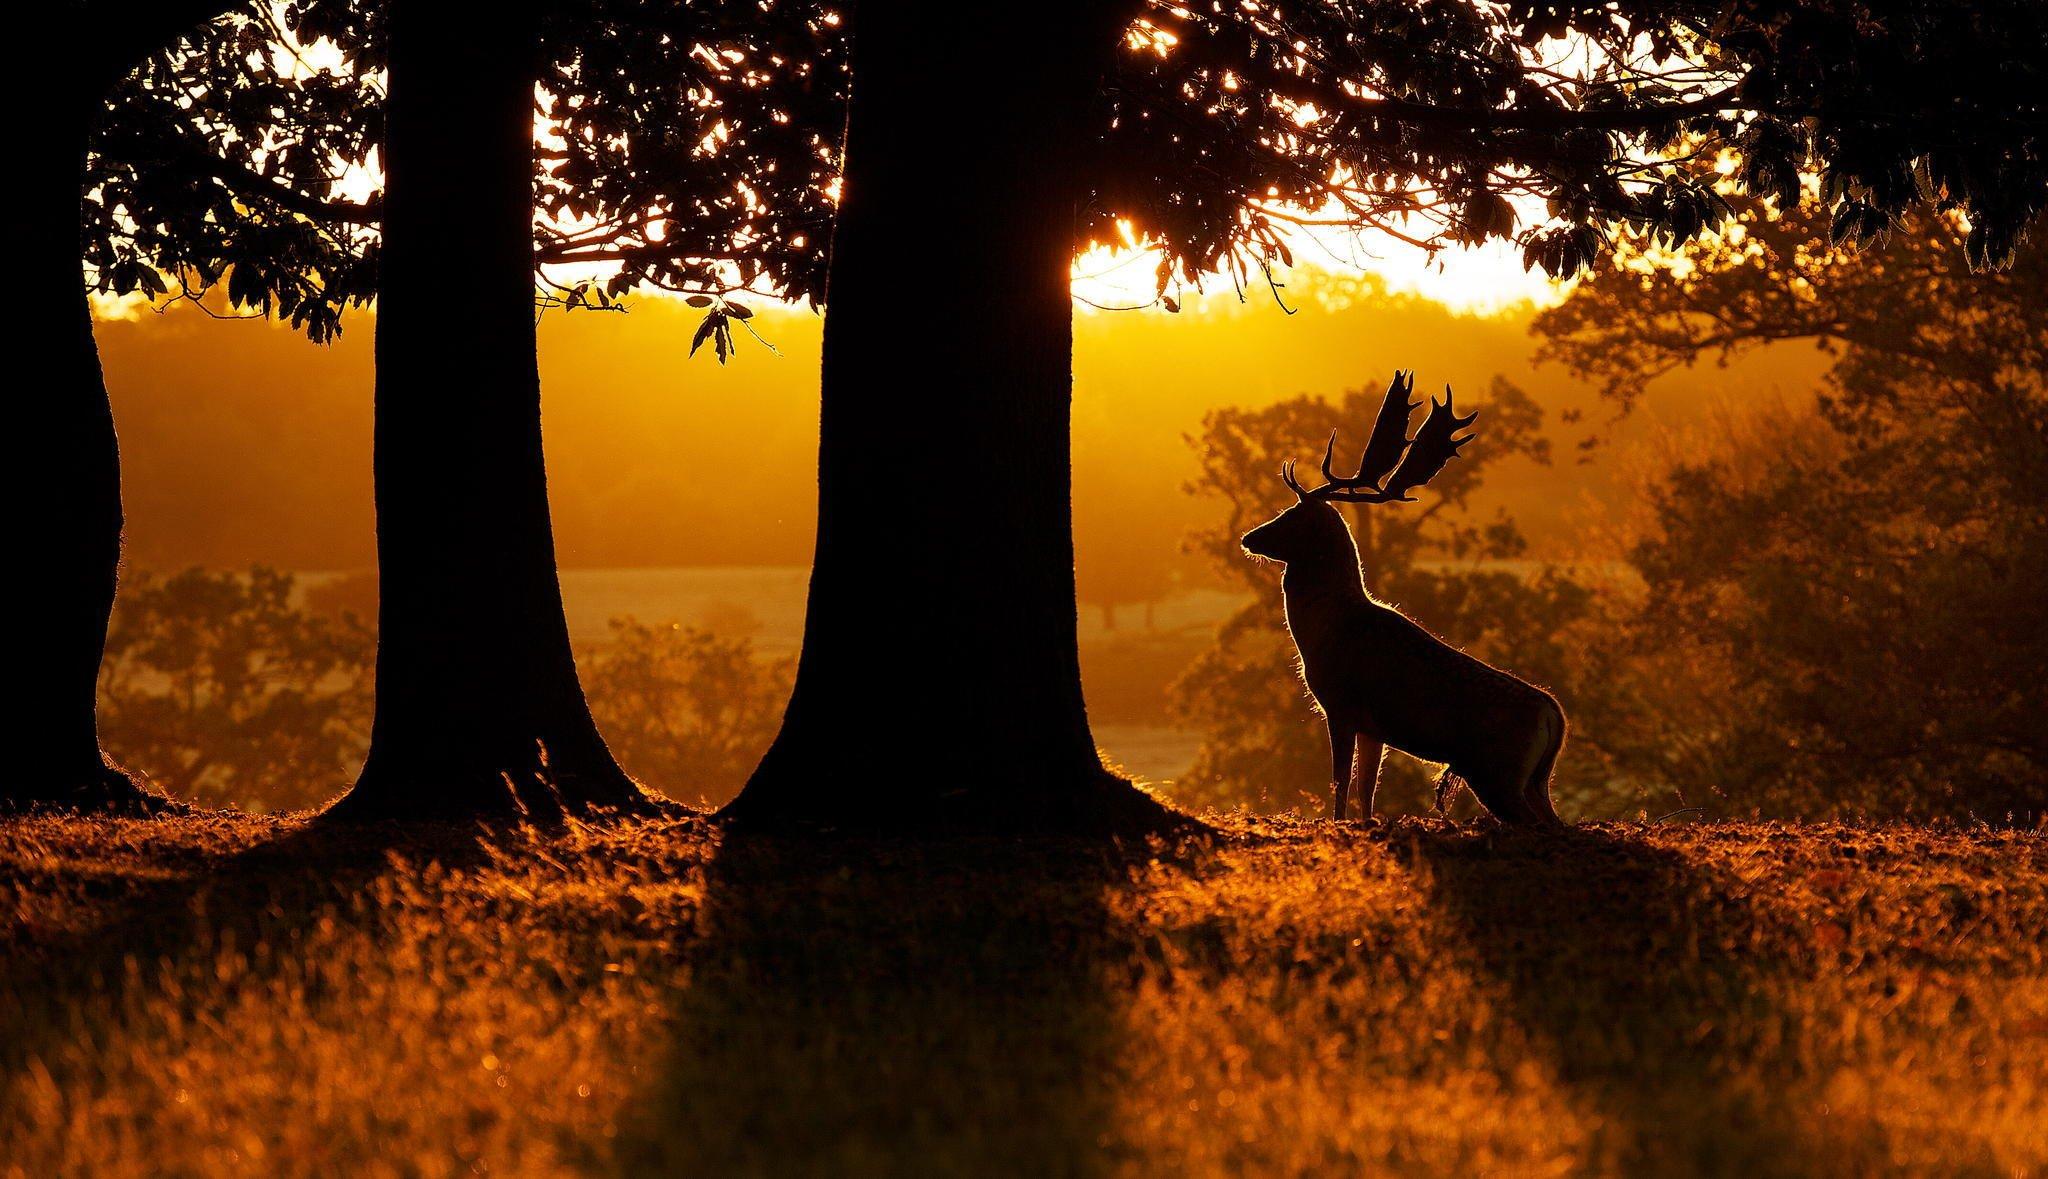 природа лес олень животное деревья без смс